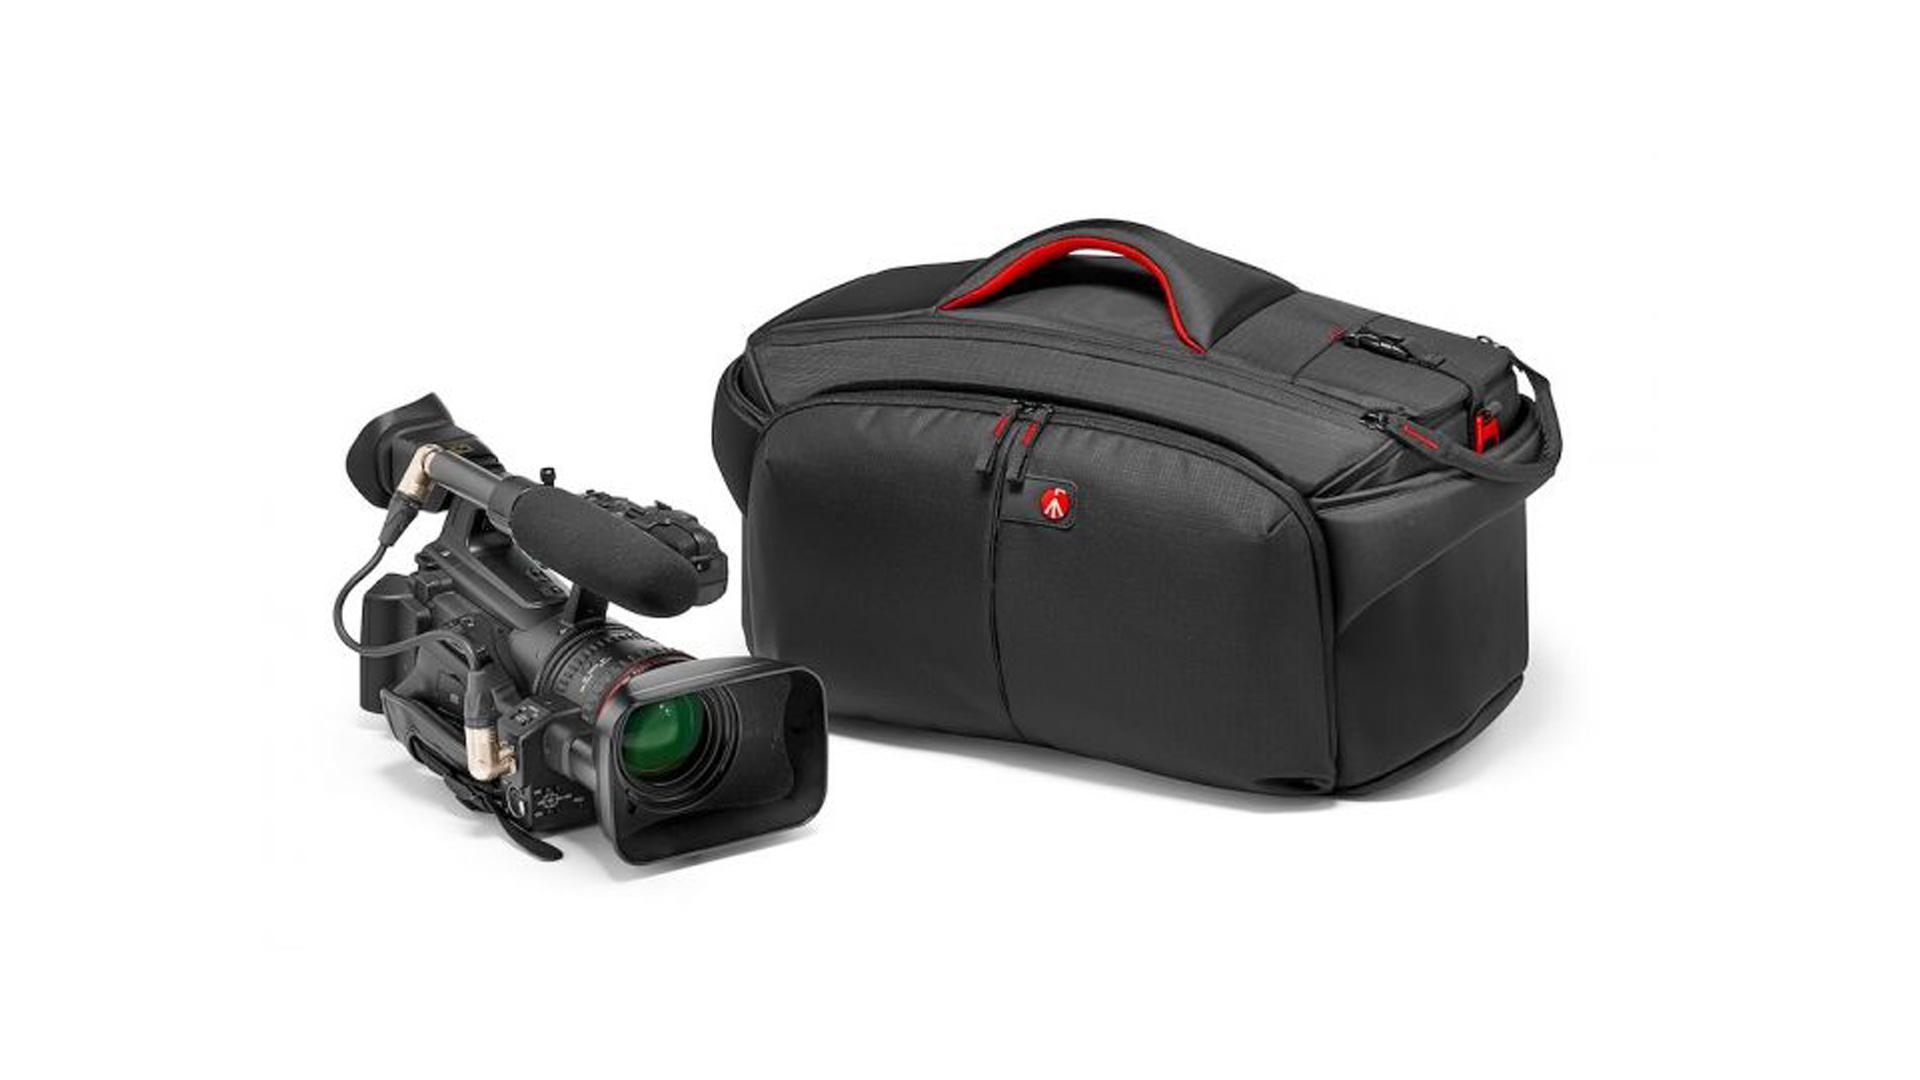 Manfrotto MB PL CC 193N | Borsa video a spalla Manfrotto CC 193 per telecamere ed obiettivi | Borse morbide